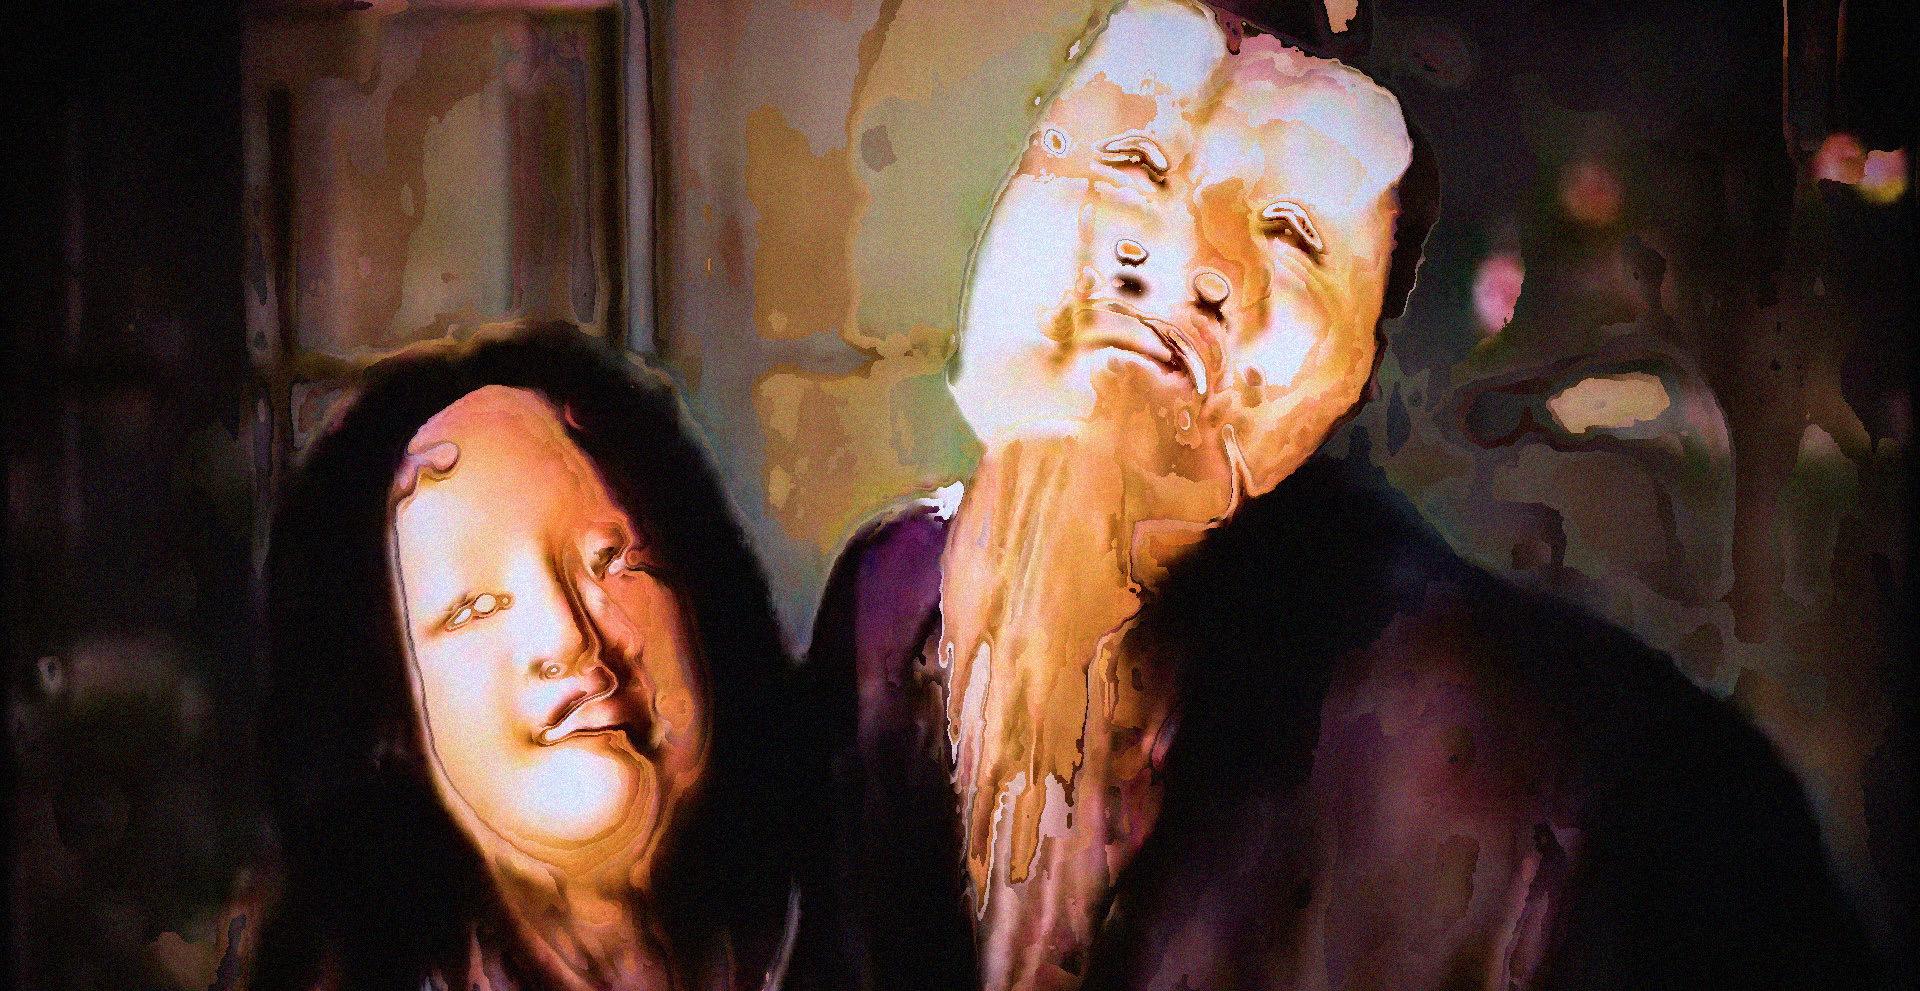 Cena do filme Imagem da Percepção em que há um homem e uma mulher, um ao lado do outro, desfigurados por efeitos digitais. Suas vestimentas e o fundo apresentam tons de marrom e bege.